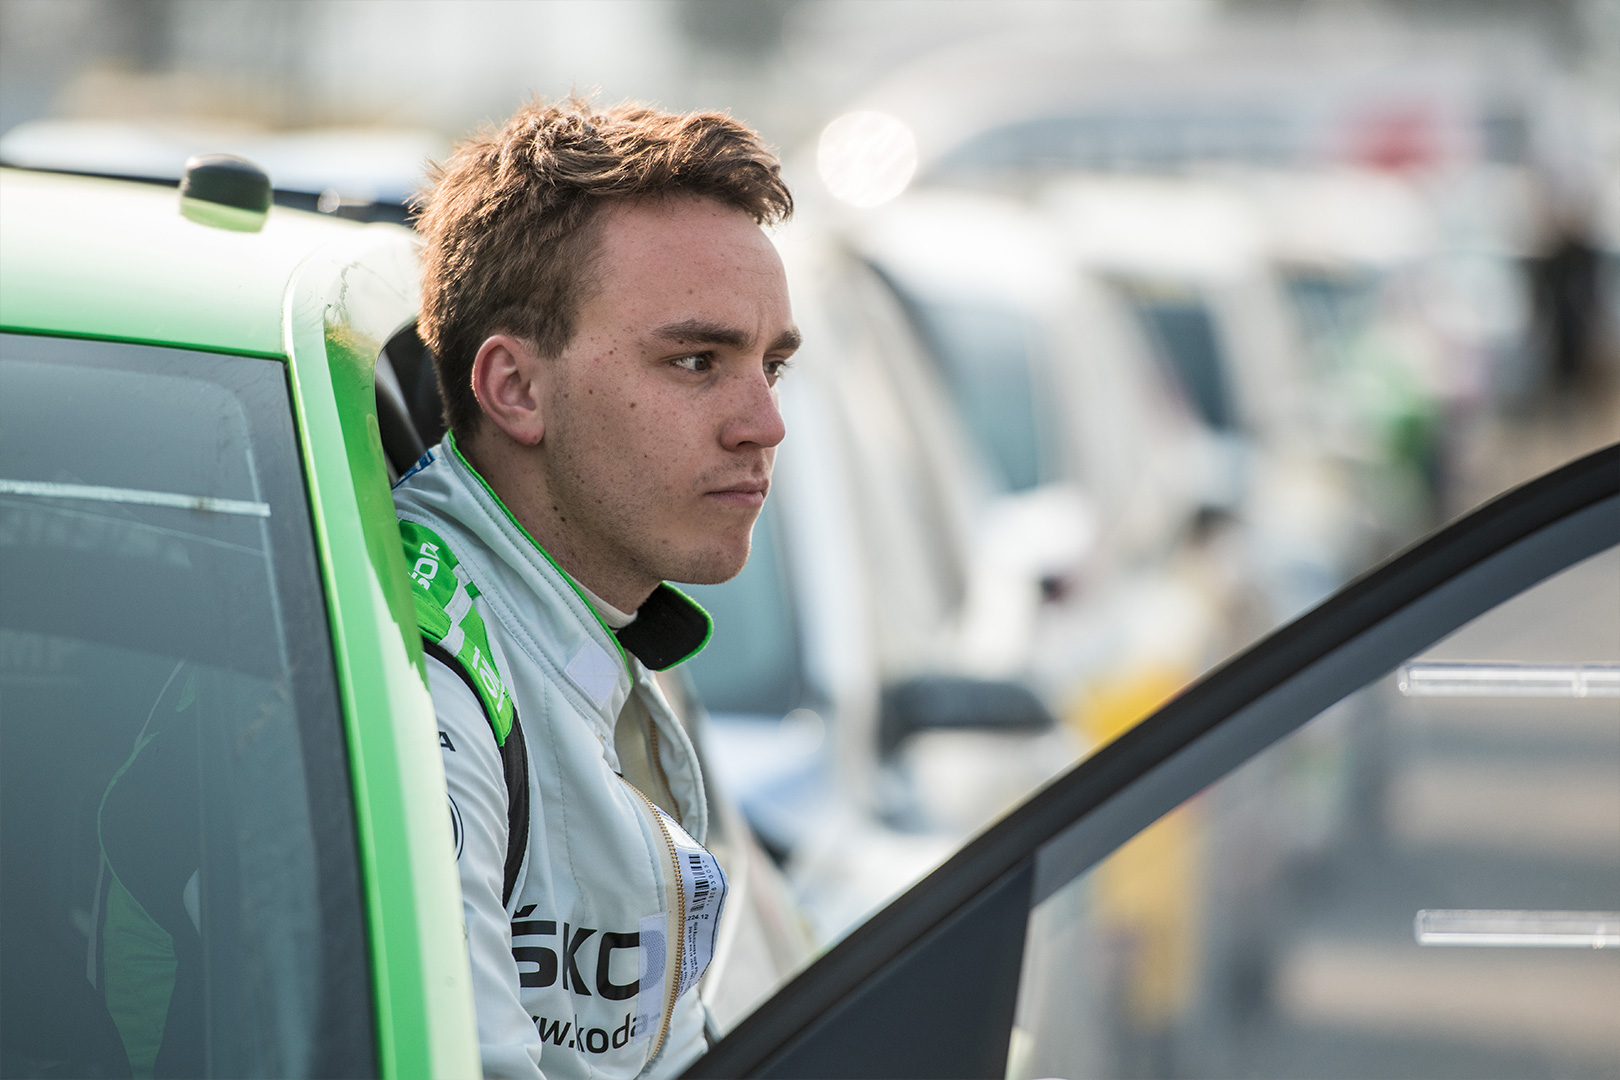 O.C. Veiby a Stig Rune Skjærmoen opouštějí ŠKODA Motorsport